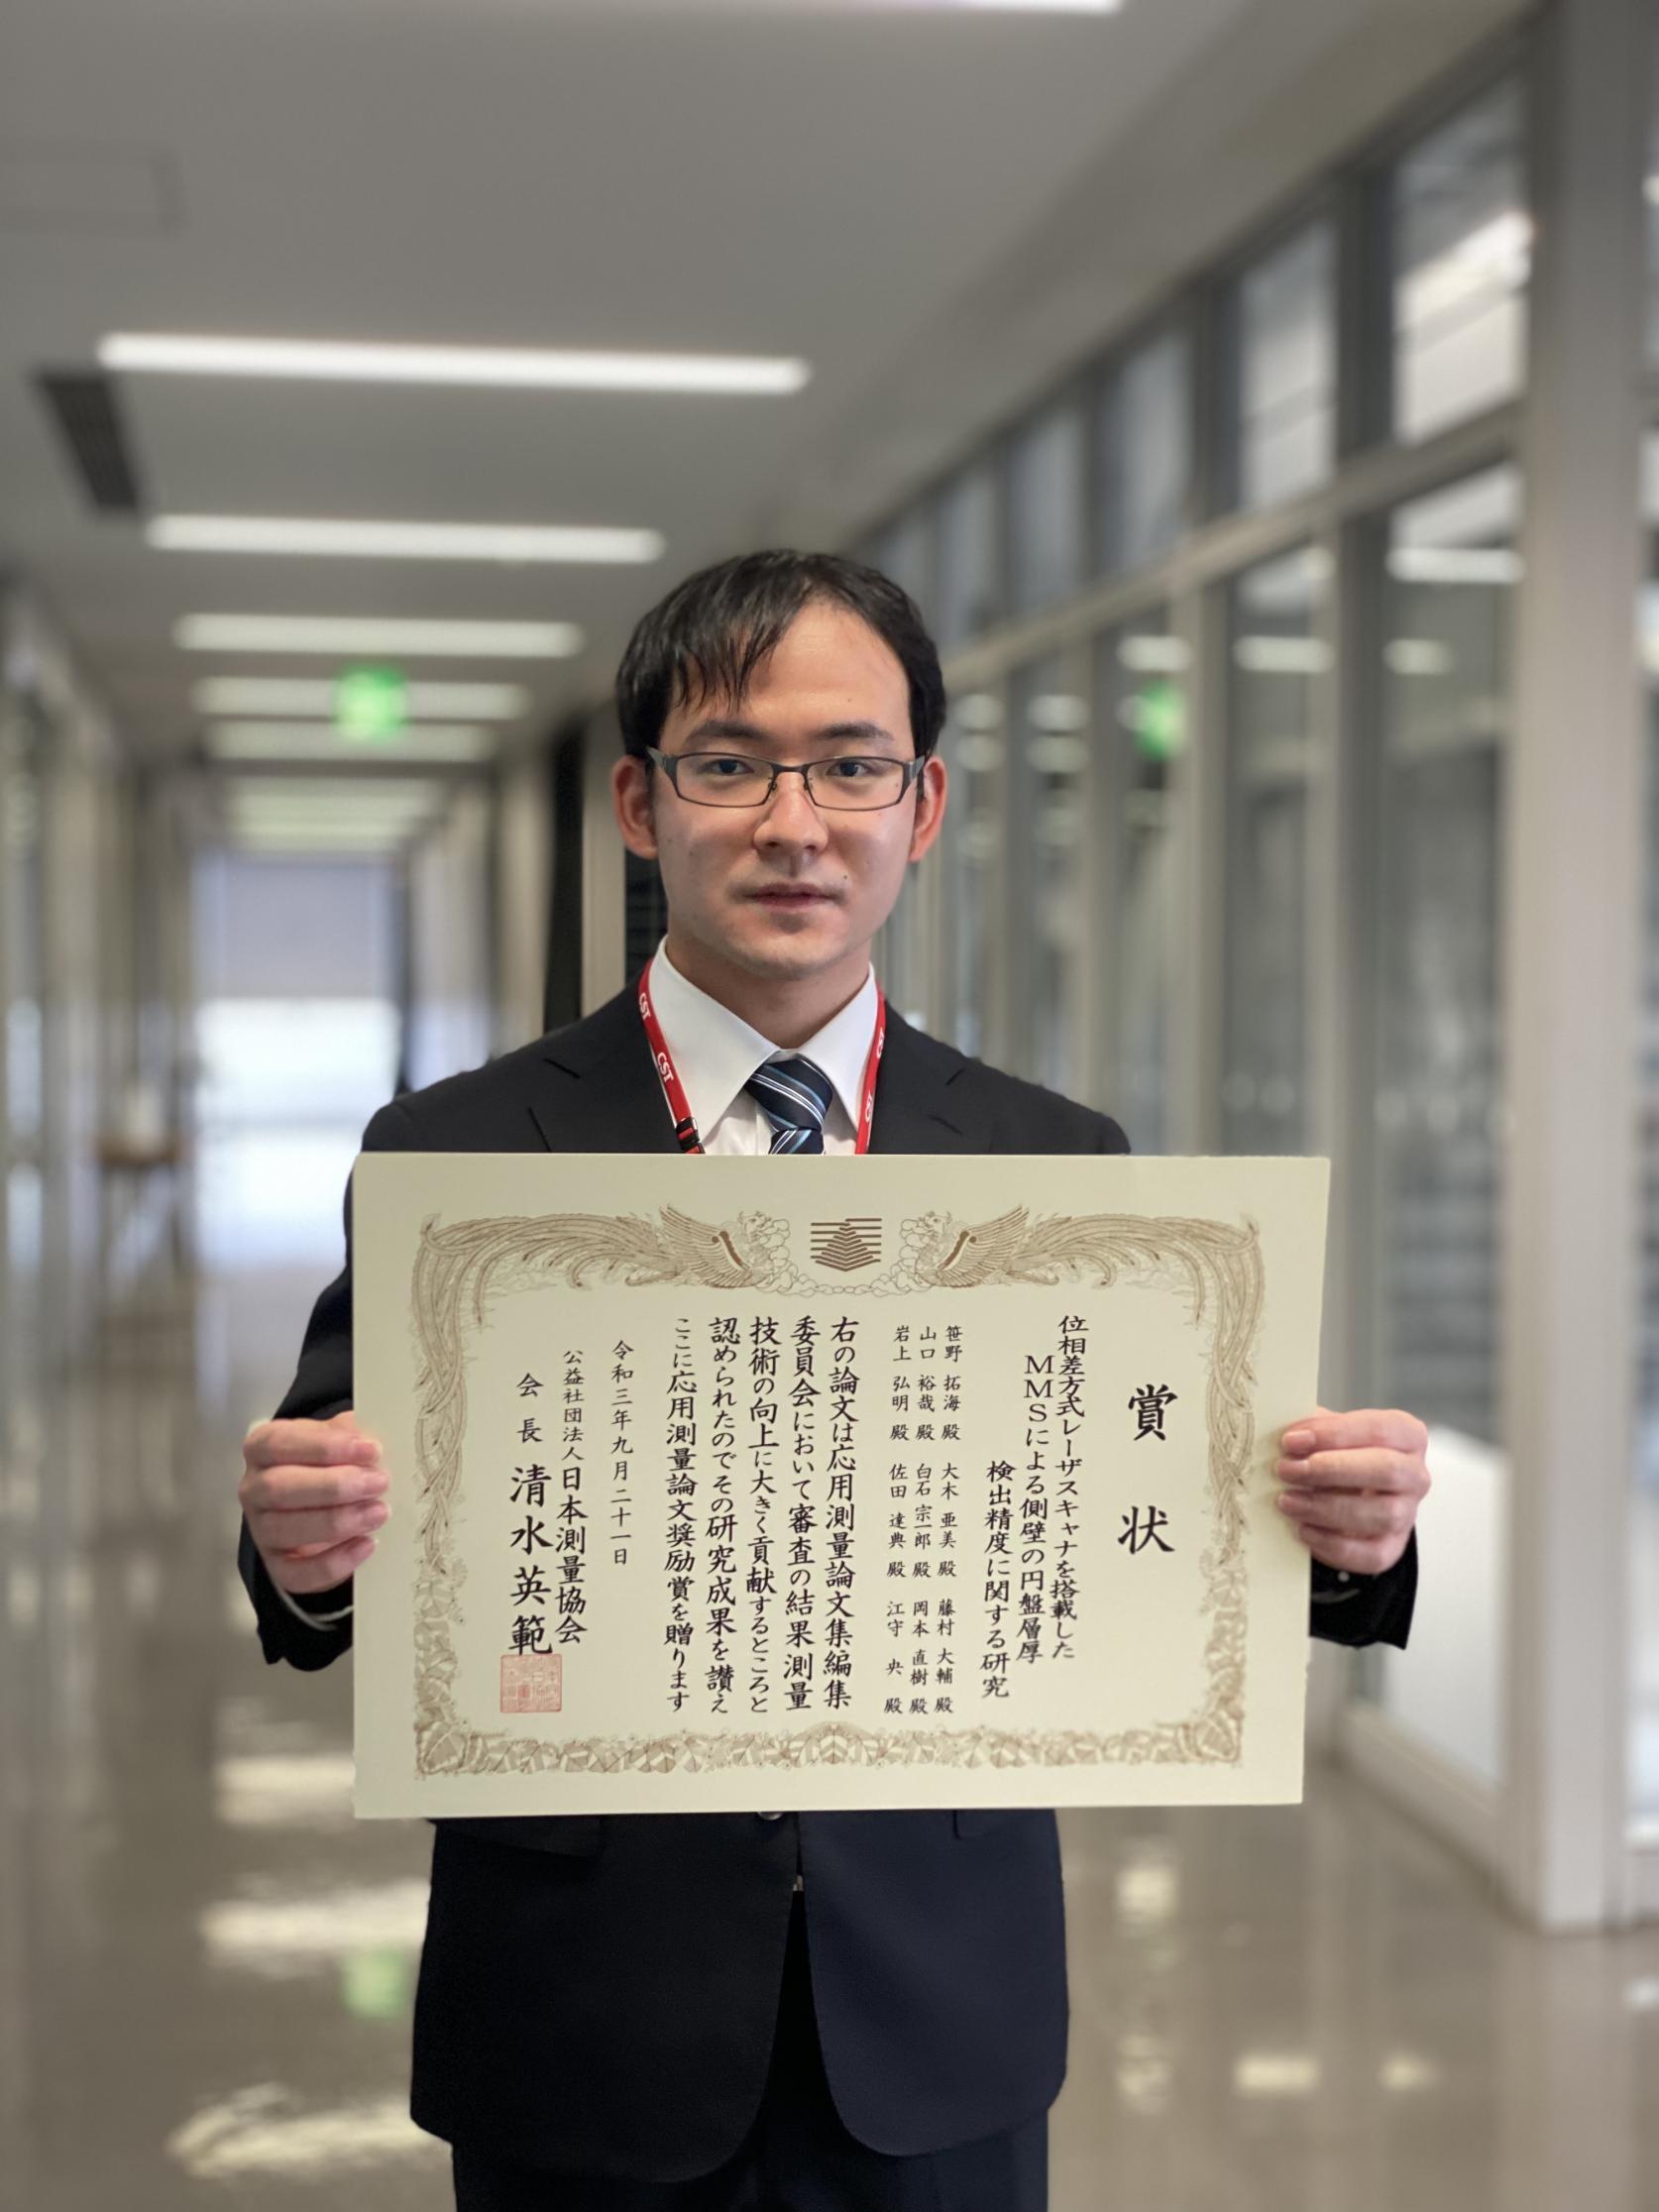 交通システム工学専攻博士前期課程2年の笹野拓海さんが、公益社団法人日本測量協会主催の2021年「応用測量論文奨励賞」を受賞しました。